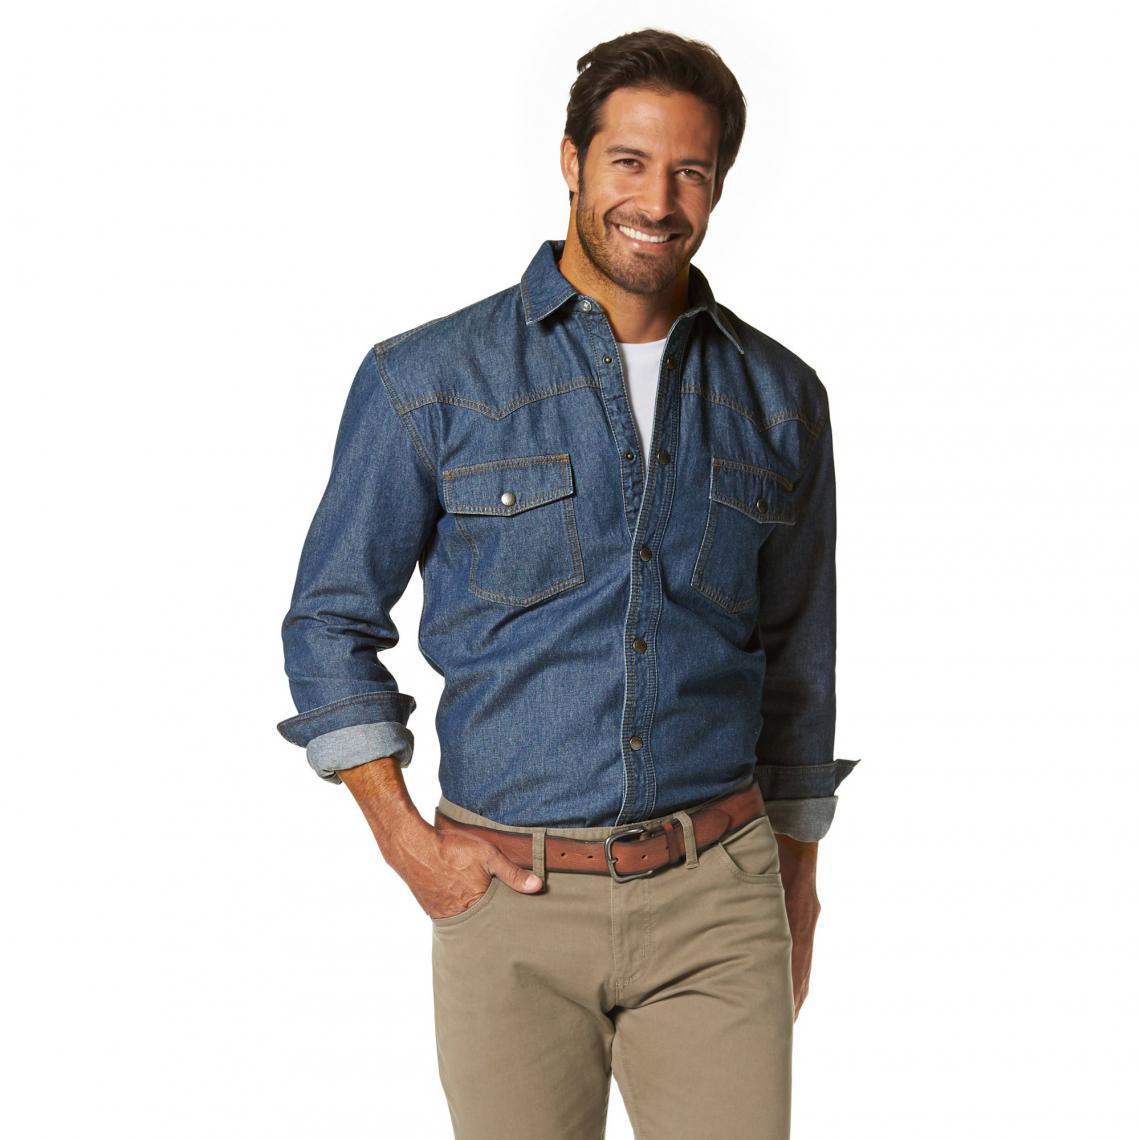 2b6bd08b75ace Chemise en jean manches longues homme Arizona - Bleu   3 SUISSES